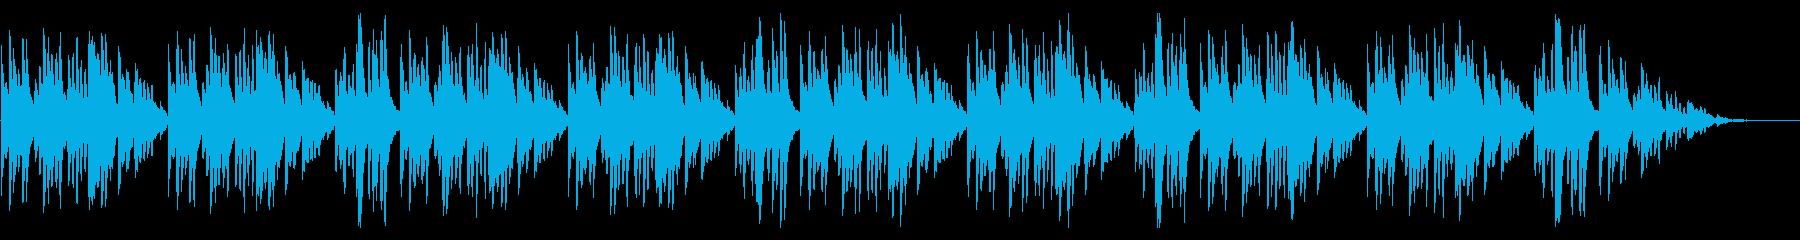 童謡「うさぎ」琴のシンプルなアレンジの再生済みの波形